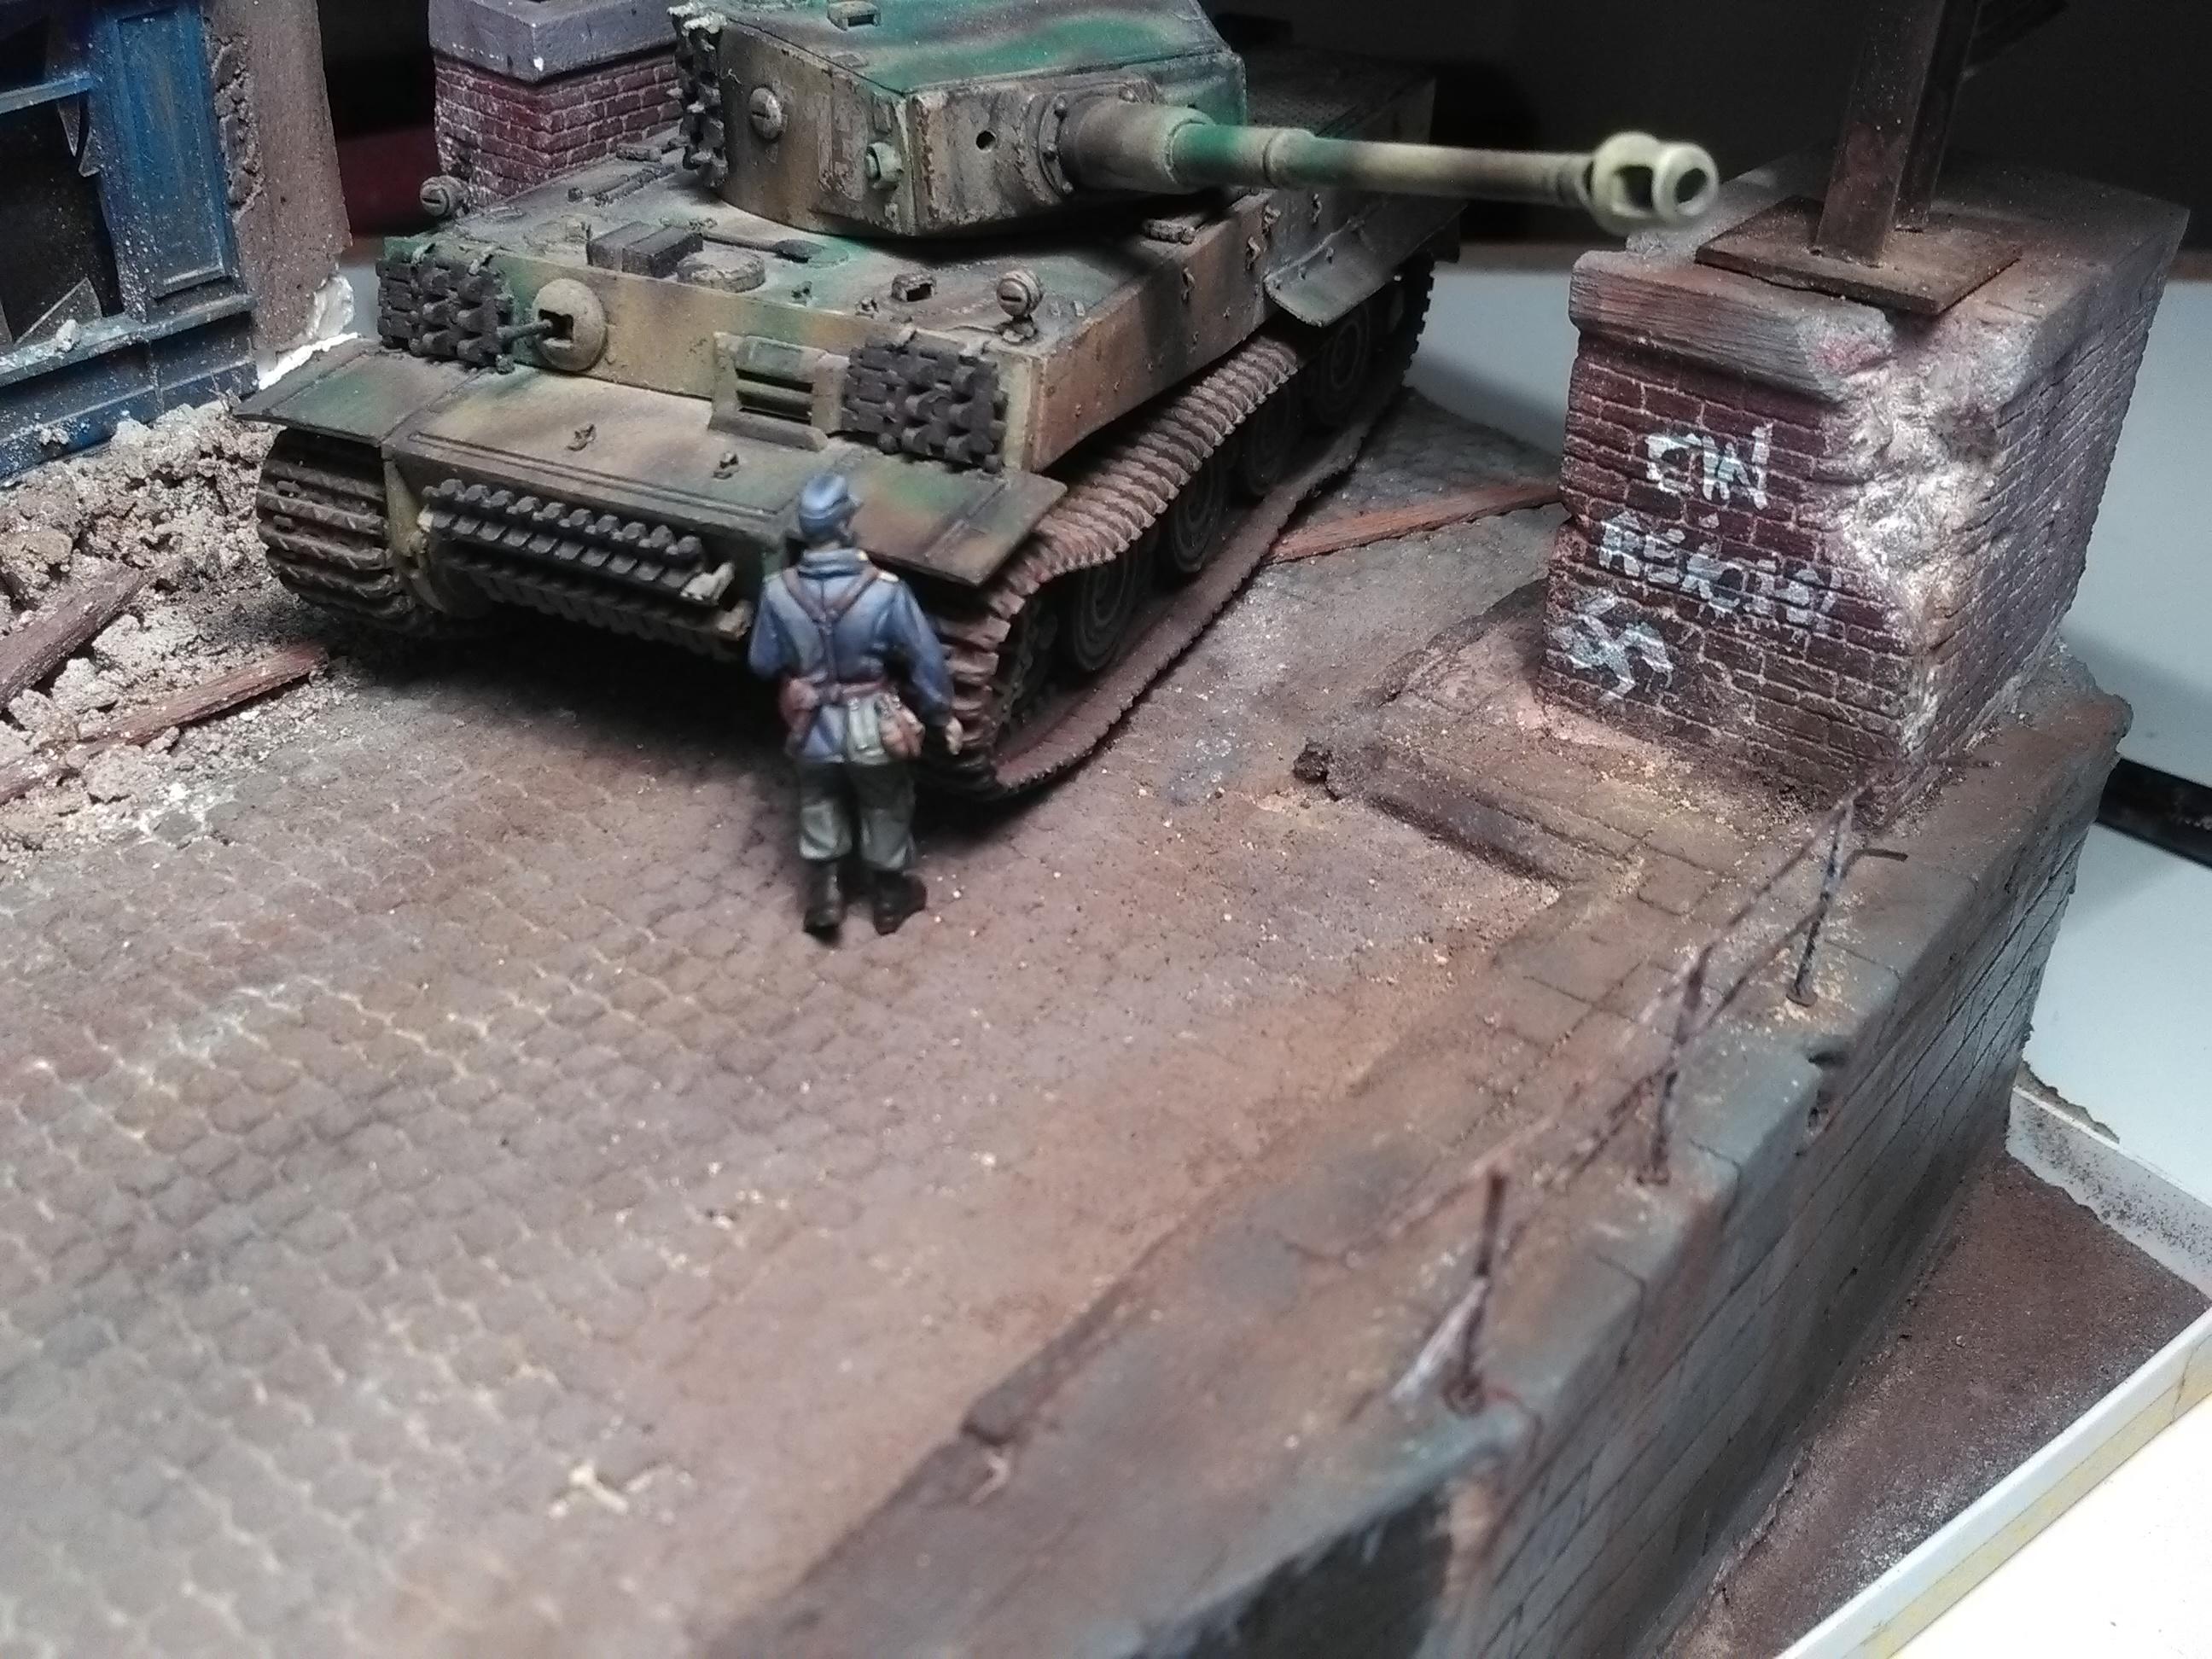 Le Survivant 1/72 - (Tigre 1 Allemagne 1945) - Page 2 IMG_20180312_211236